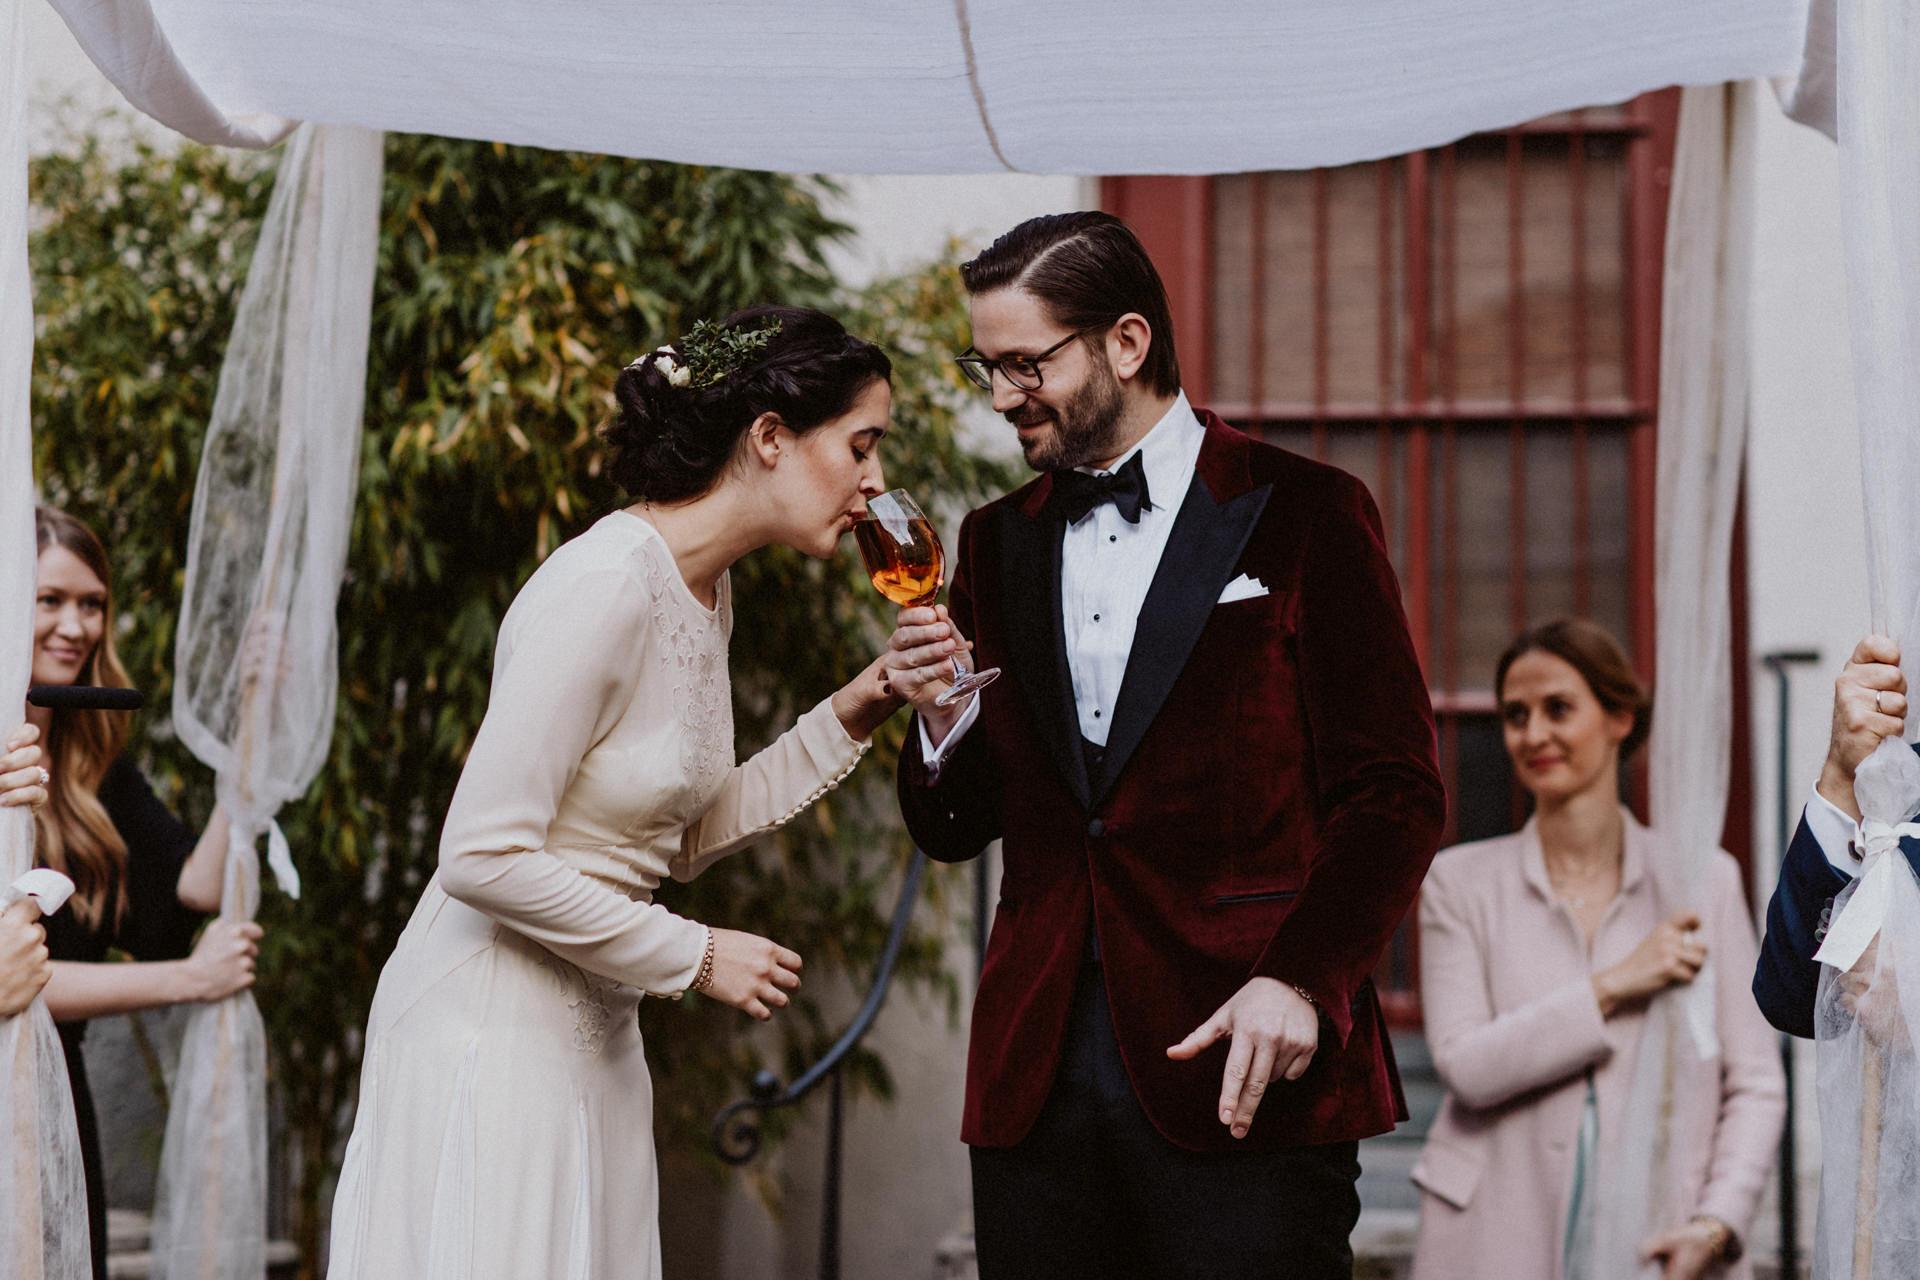 jüdische hochzeitszeremonie hochzeit feiern